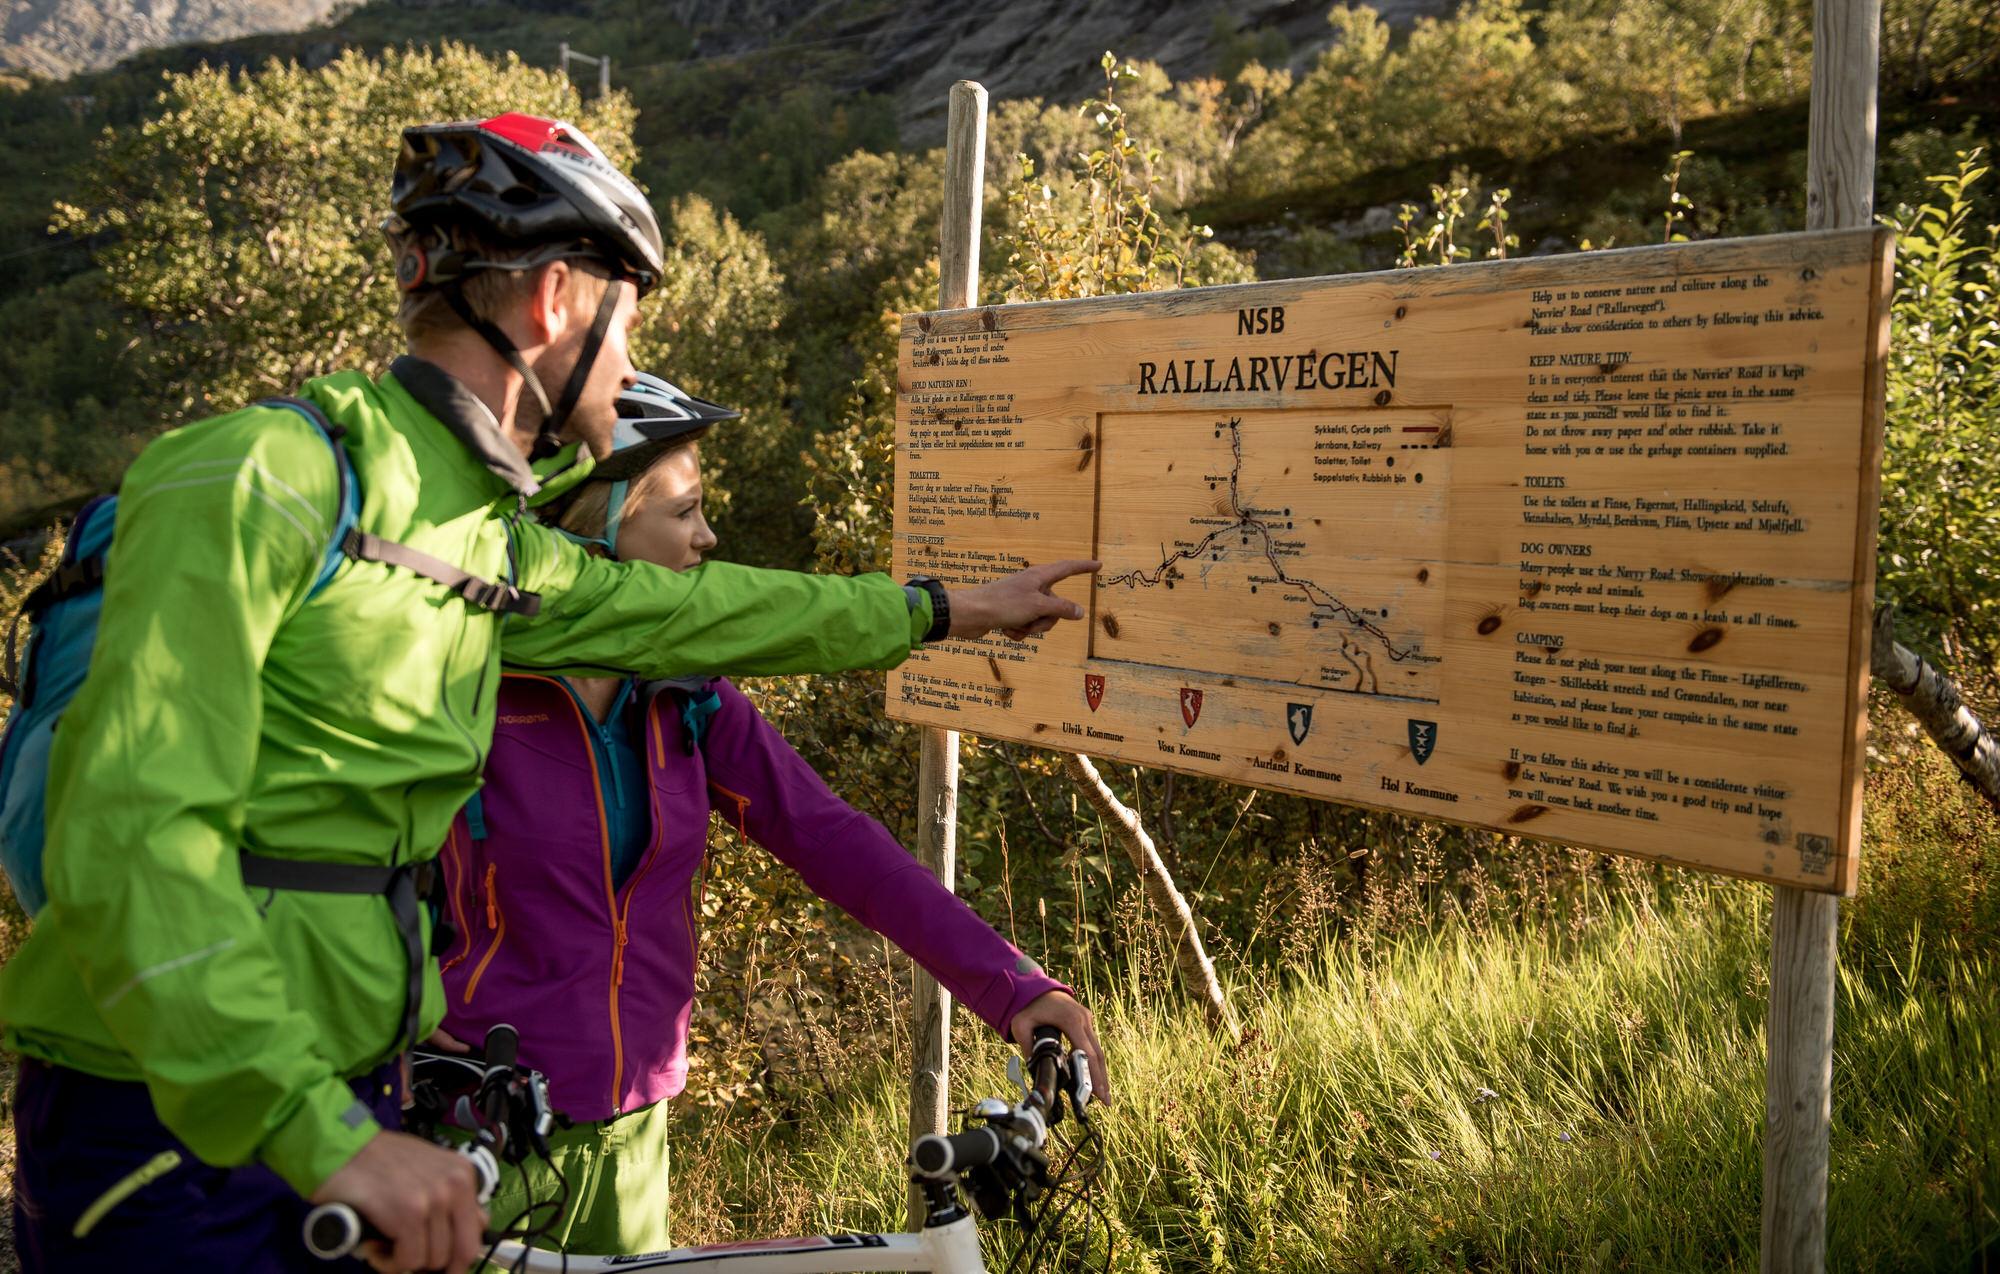 Foto: Sverre Hjørnevik/visitnorway.com